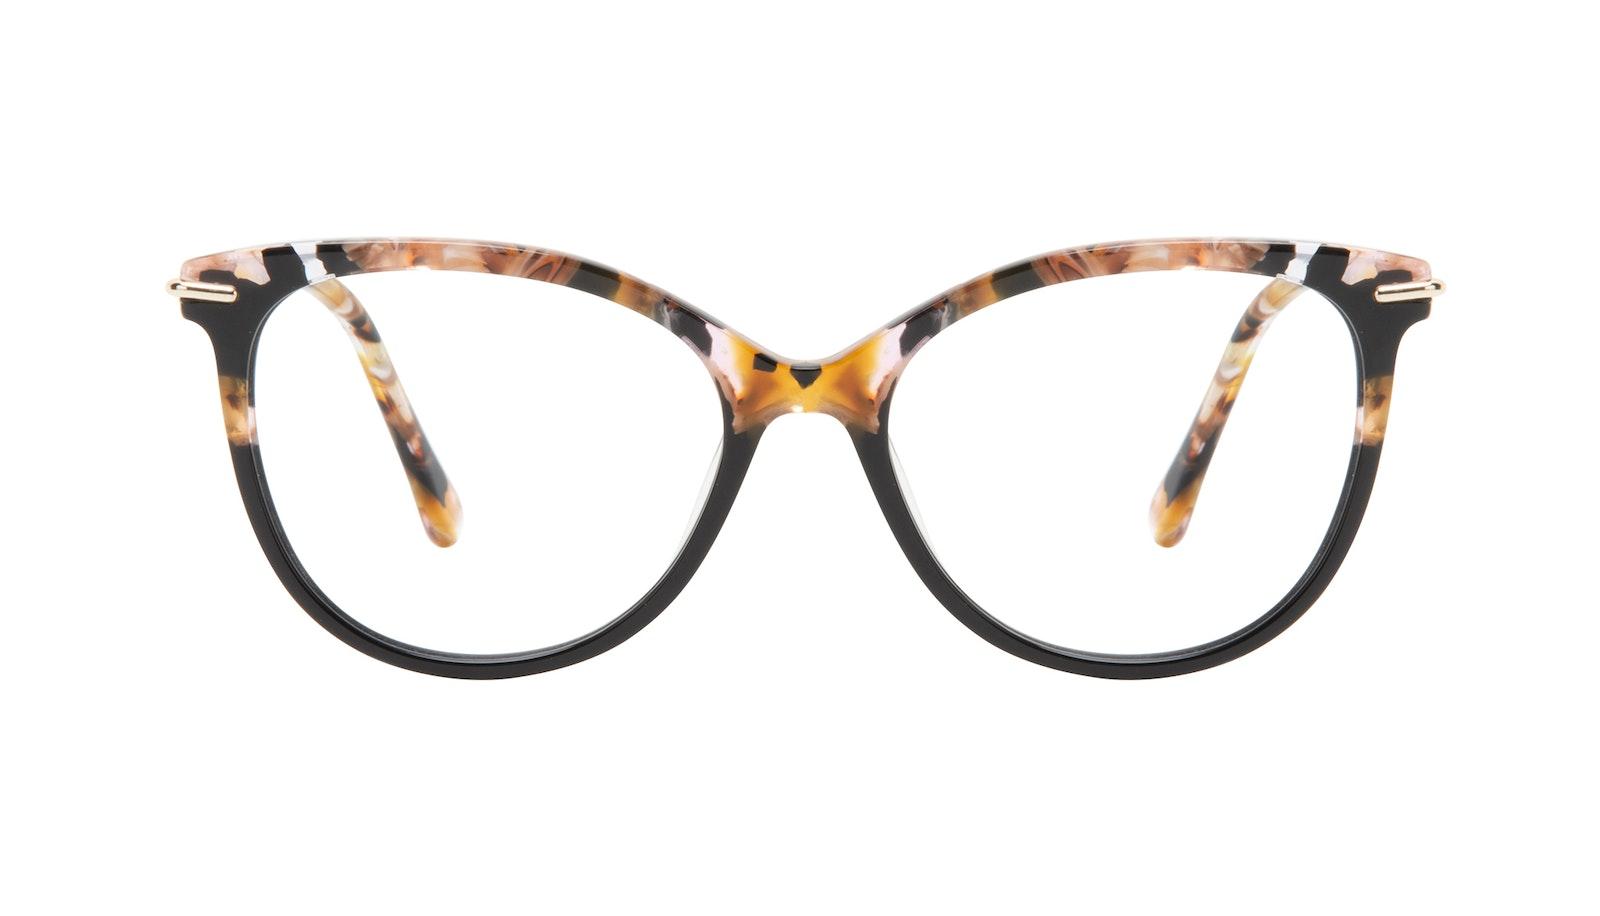 b2ca7962a2 Affordable Fashion Glasses Round Eyeglasses Women Sublime Black Flake